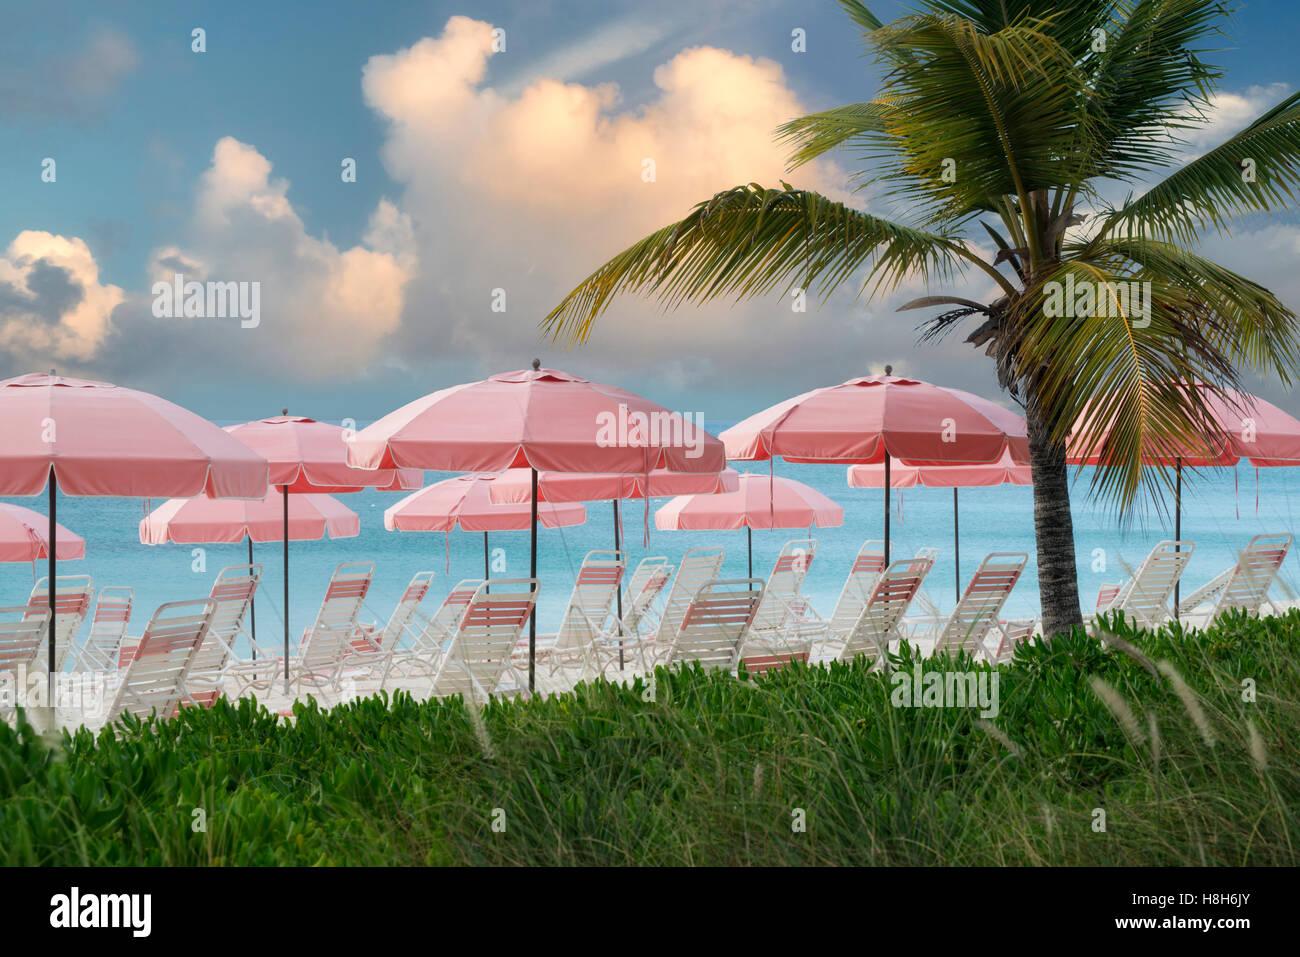 Rosa Strand Sonnenschirme und liegen. Turks- und Caicosinseln. Providenciales. Stockbild